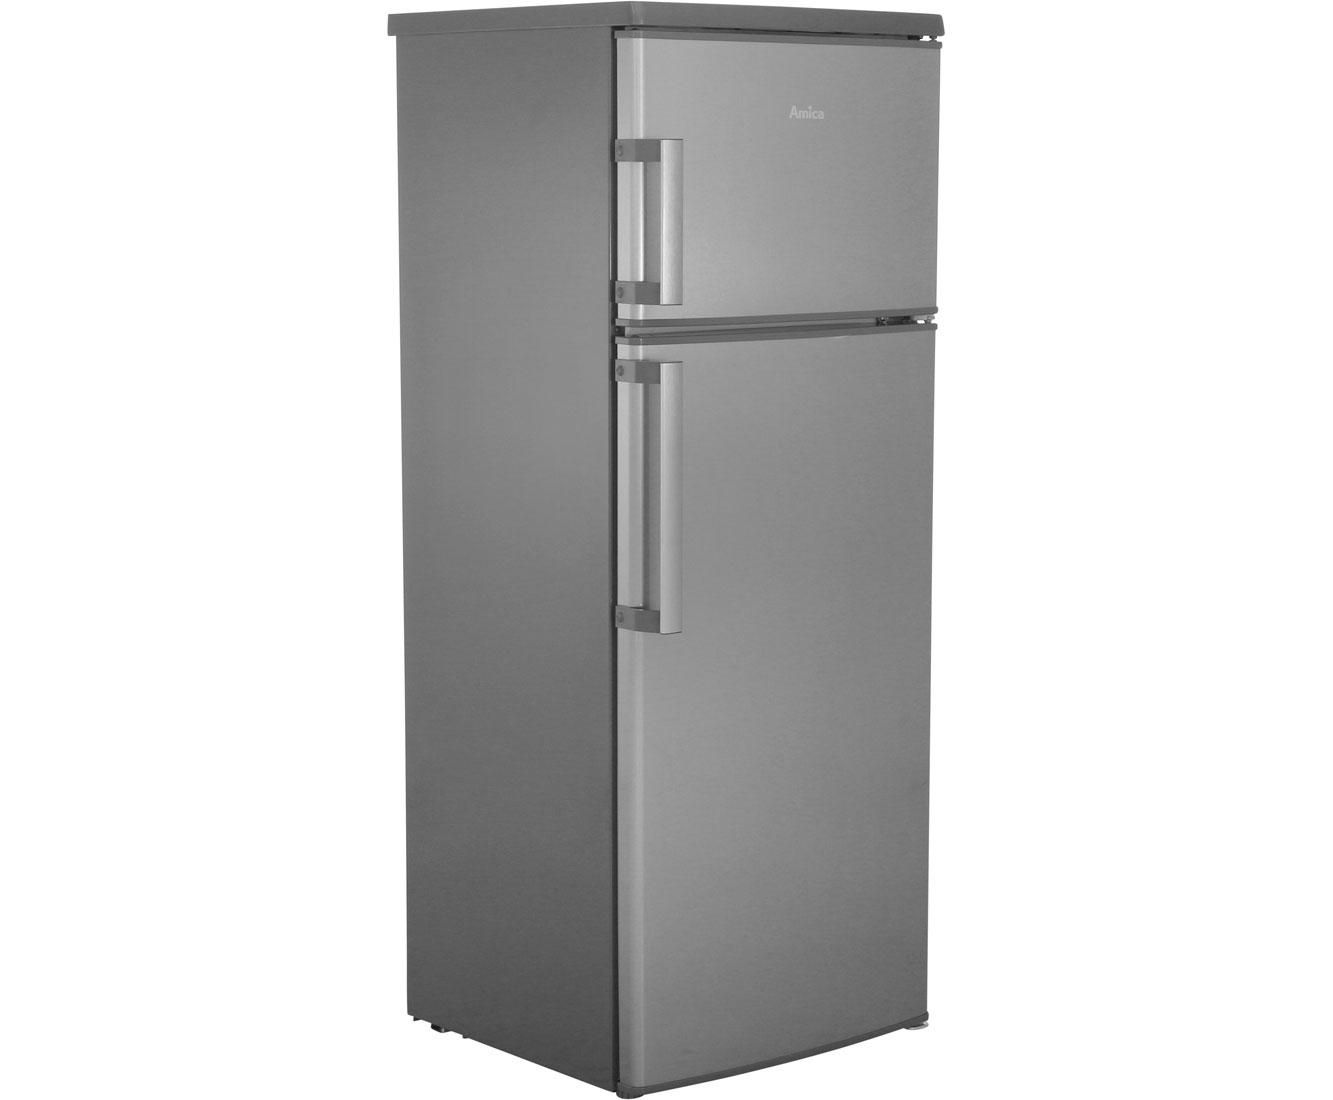 Amica Kühlschrank Türanschlag Wechseln : Amica kgc e kühl gefrierkombination er breite edelstahl